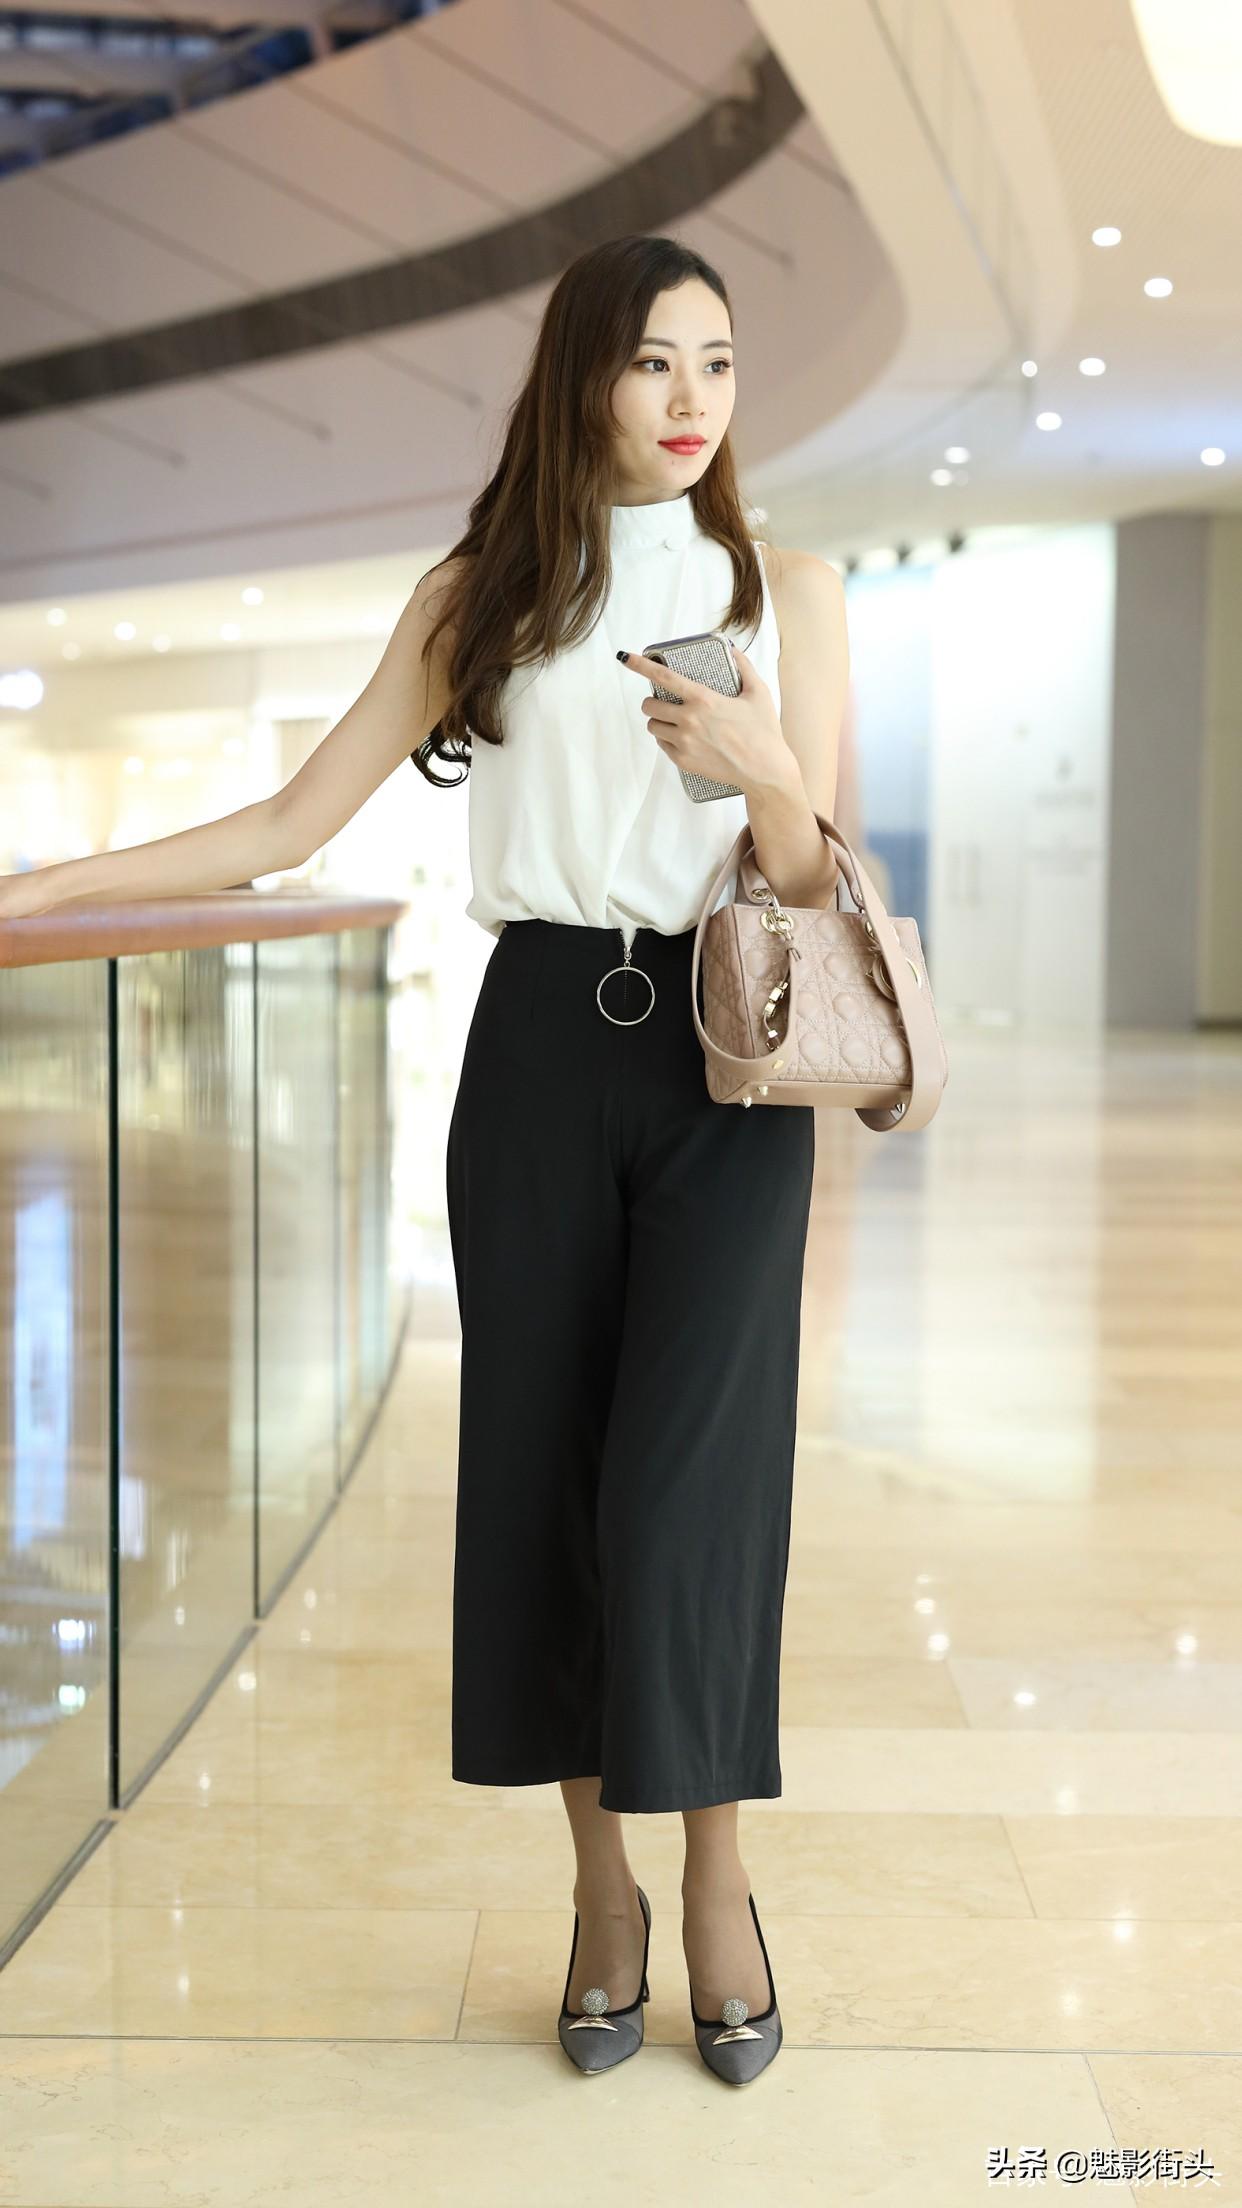 春天的长裤怎么选?多穿阔腿裤,搭配尖头细跟鞋,时髦又显瘦